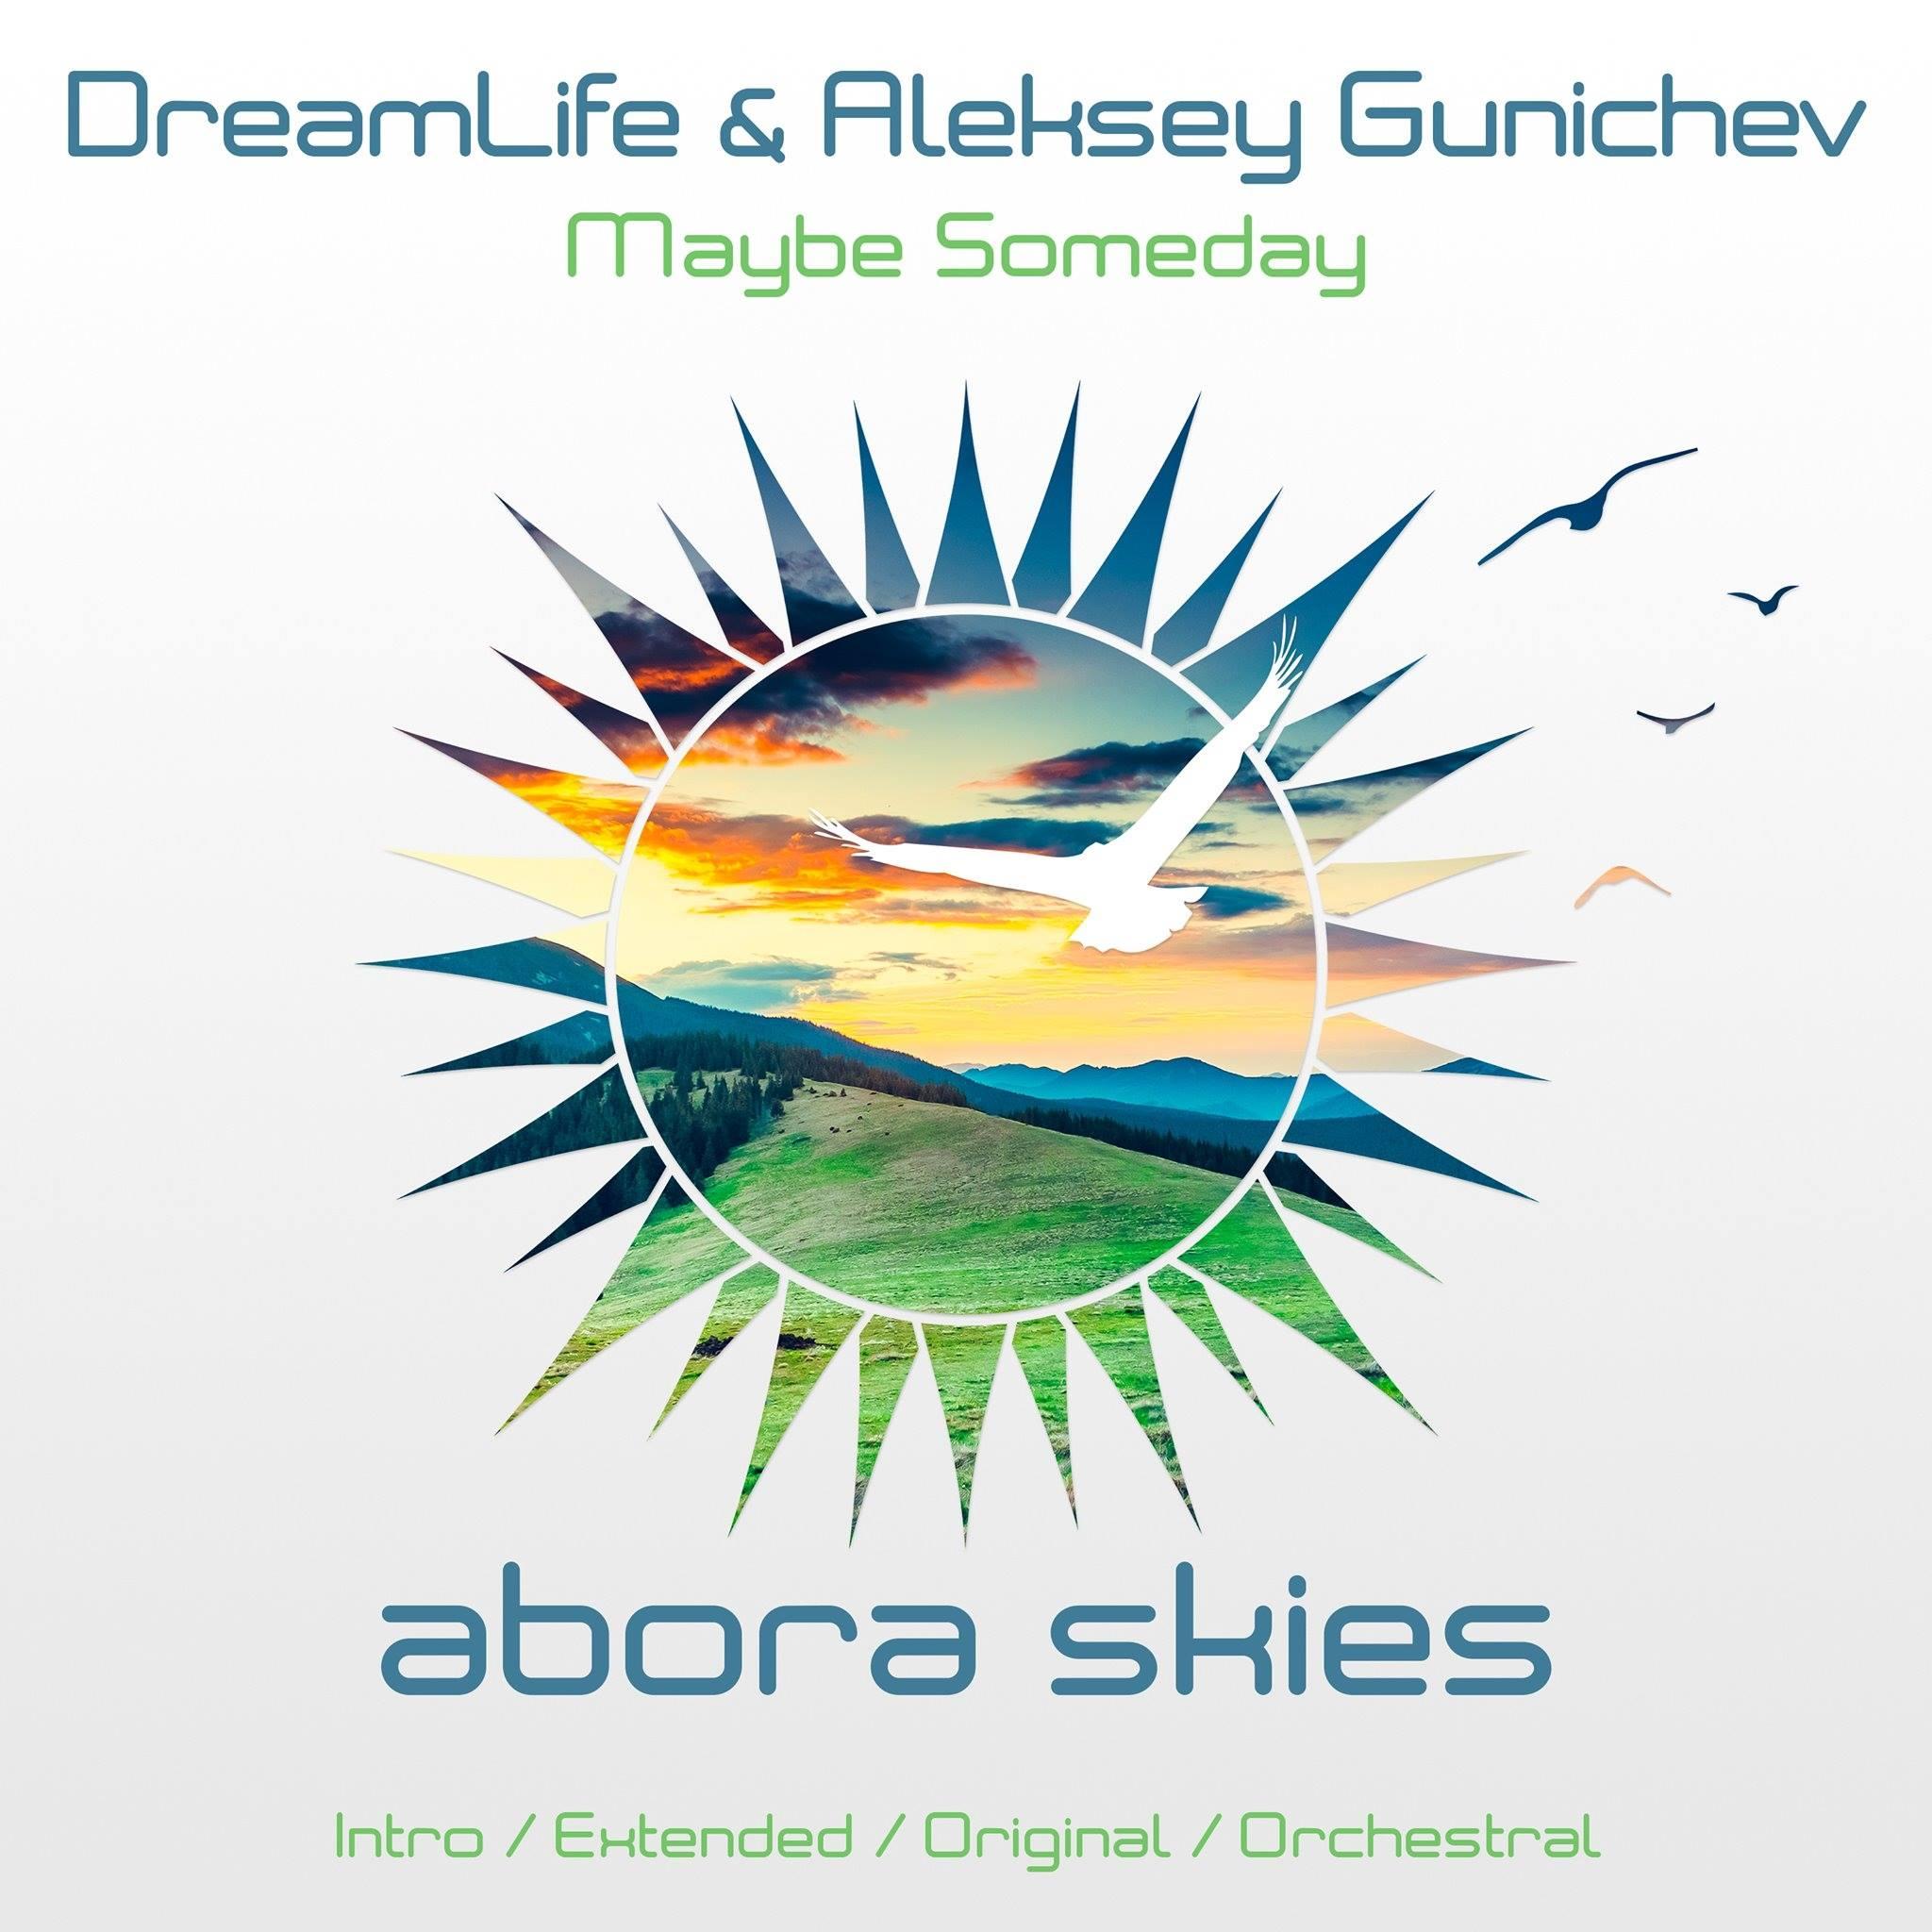 DreamLife & Aleksey Gunichev - Maybe Someday